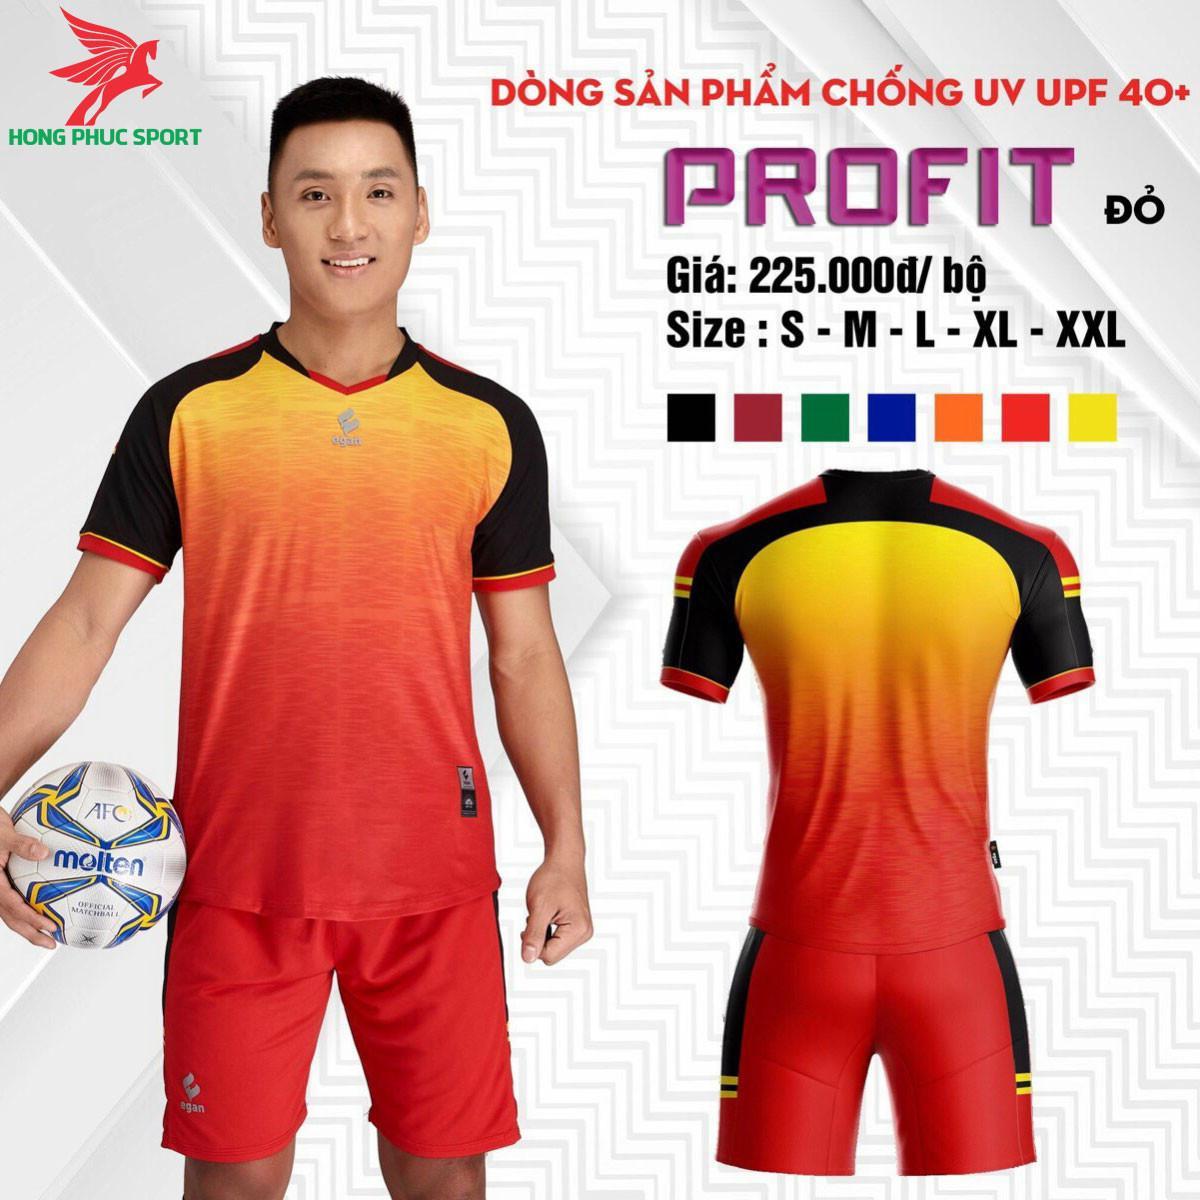 Áo đá banh không logo CP EGAN PROFIT 2021 màu Đỏ